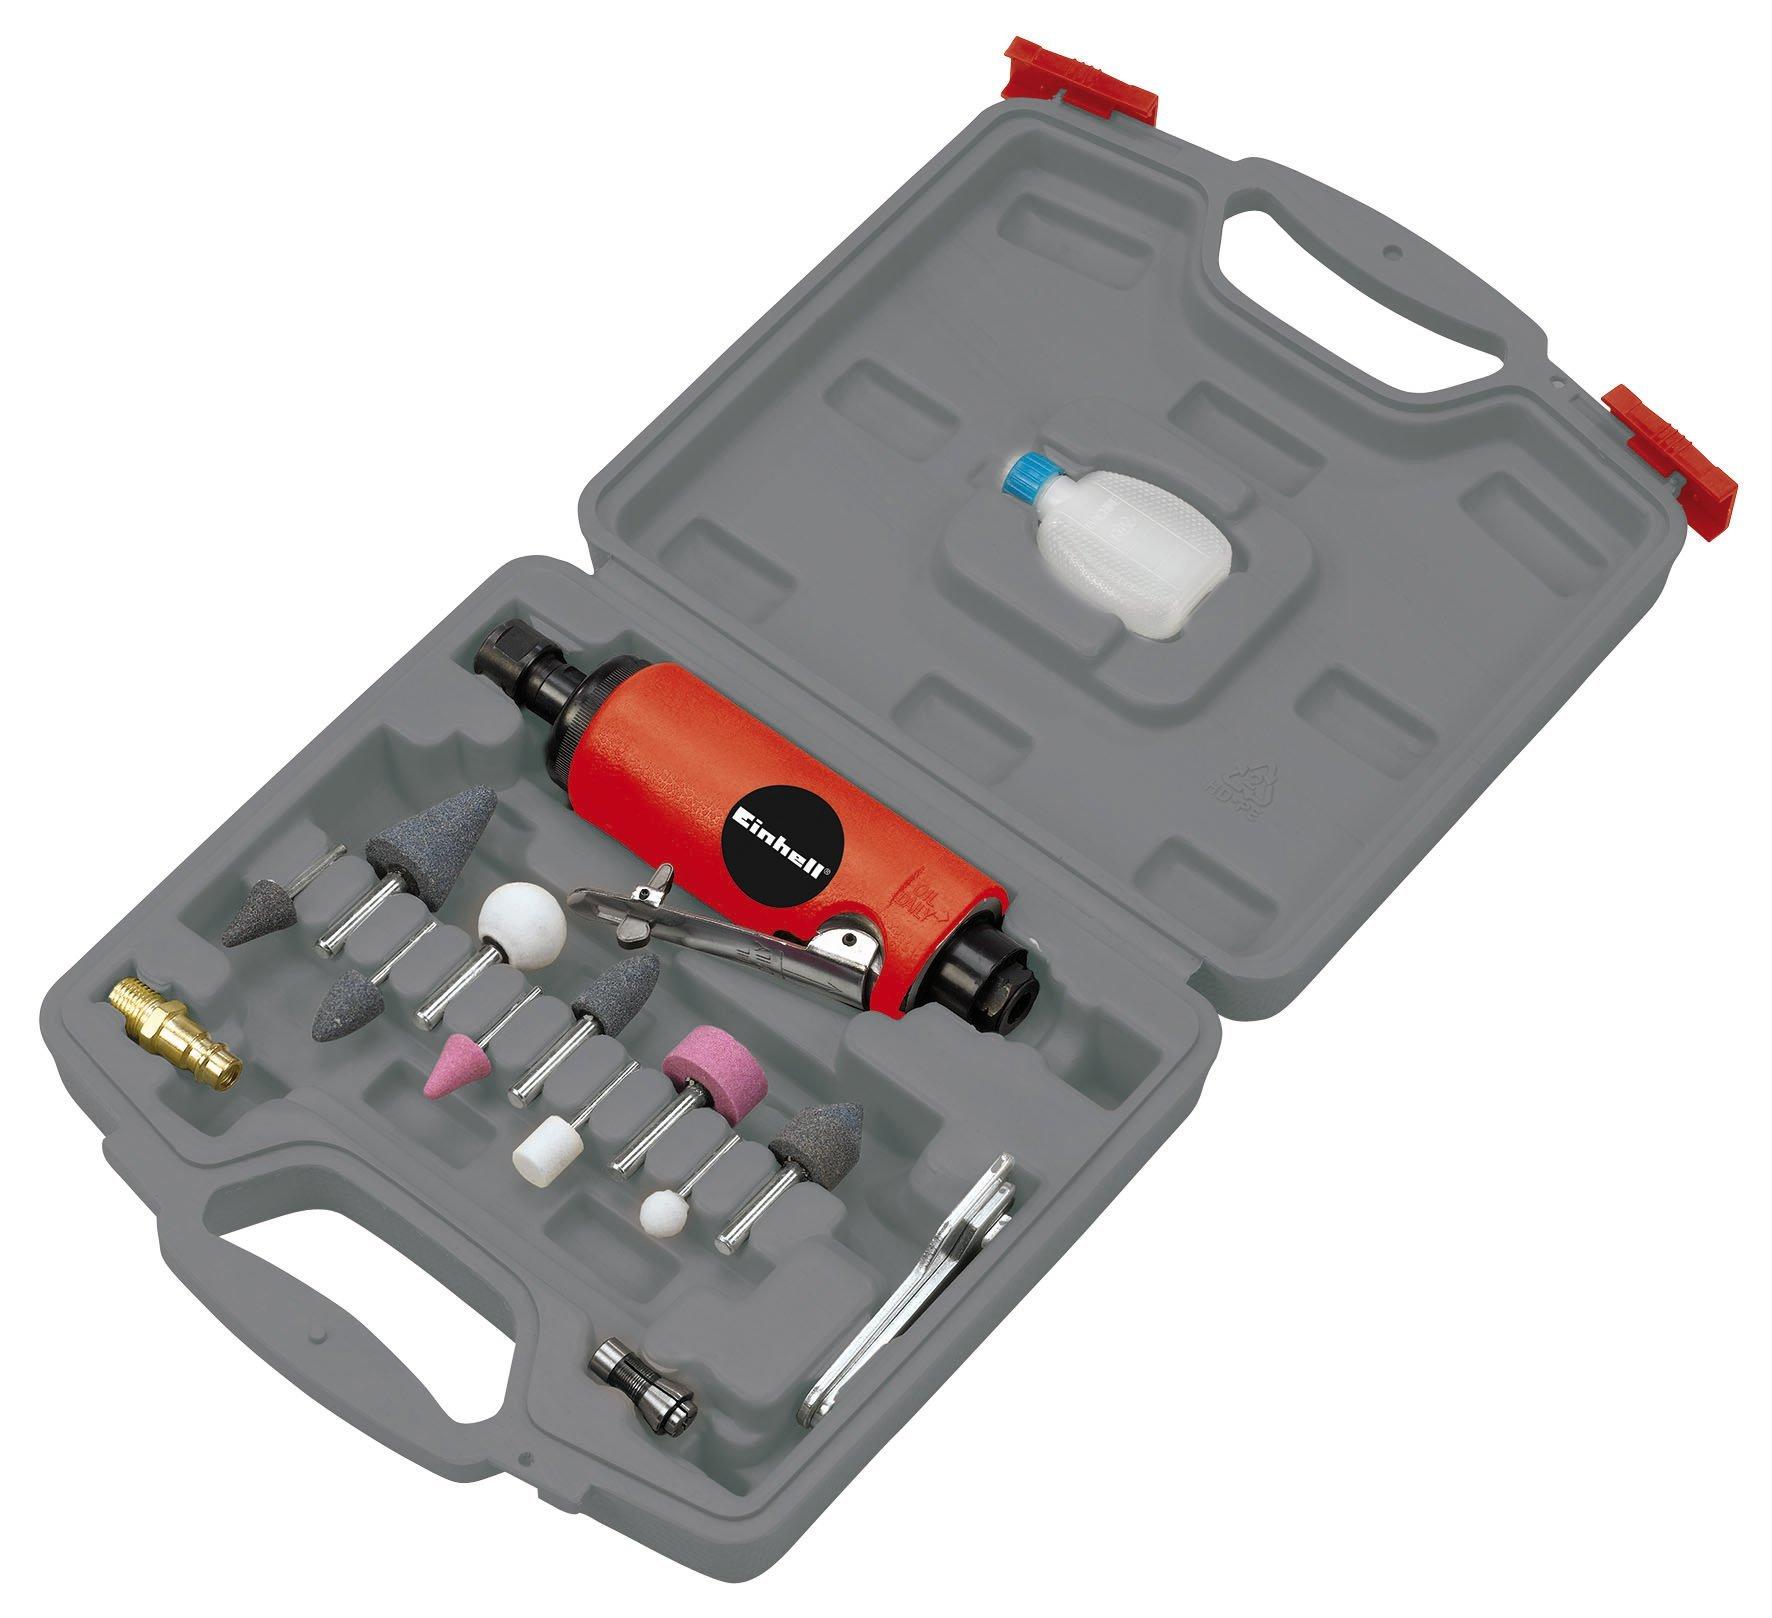 Einhell-Druckluft-Stabschleifer-Set-DSL-2502-passend-fr-Kompressoren-63-bar-Luftverbrauch-ca-128-lmin-inkl-Zubehr-im-Koffer-lflasche-ohne-Inhalt